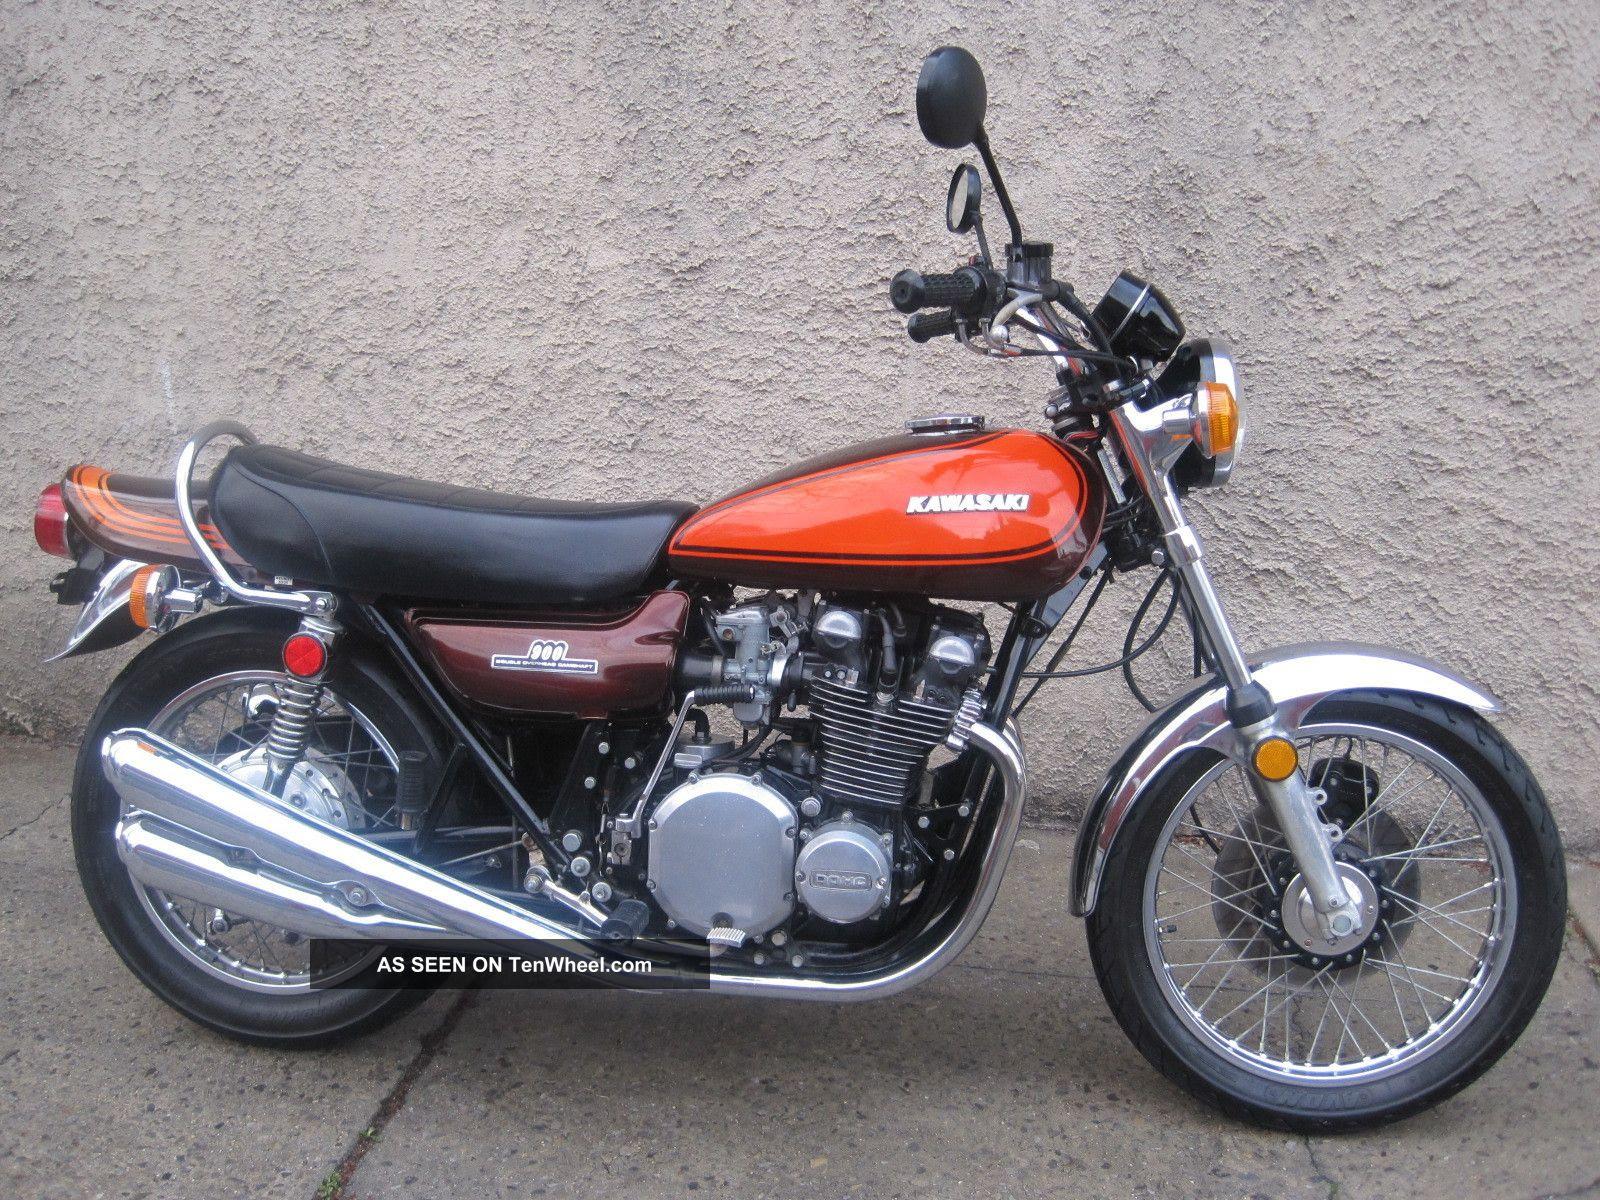 Kawasaki Motorcycle Wiring Color Codes